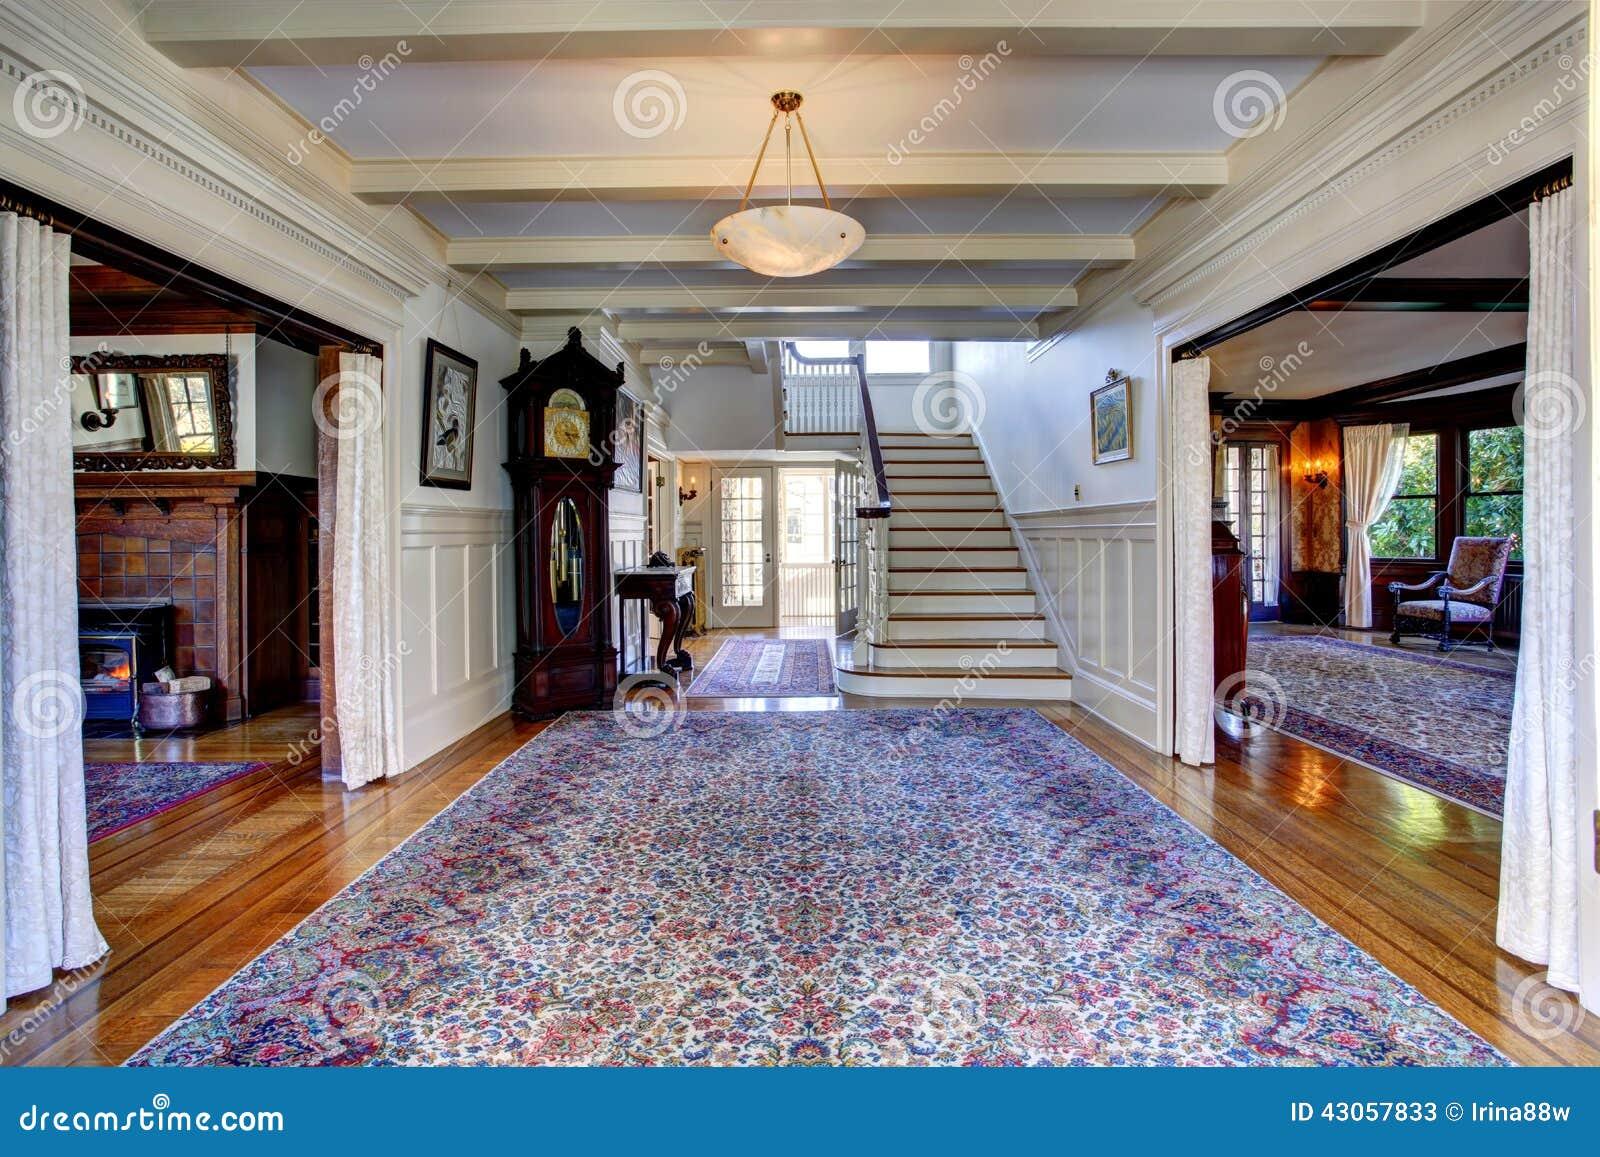 Escaleras de casas de lujo latest vestbulo en casa con - Escaleras de casas de lujo ...